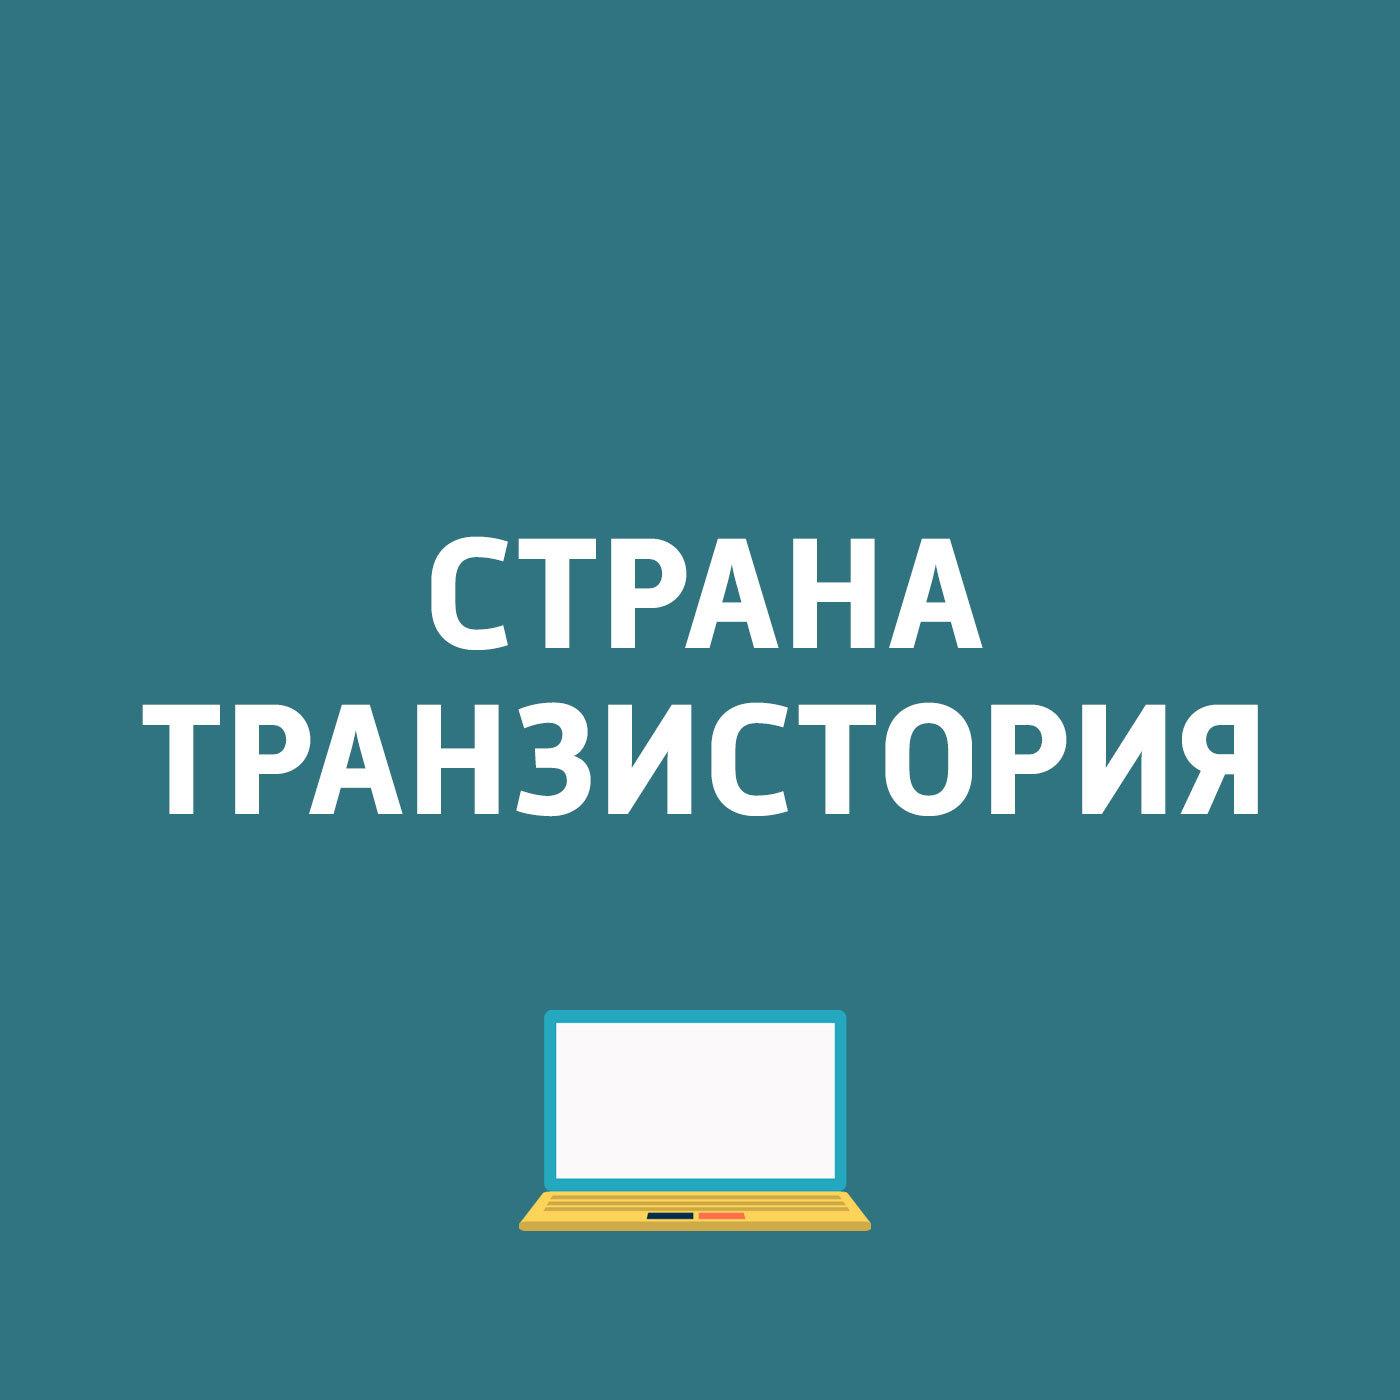 Картаев Павел Mail.ru выяснила, кто он – российский зритель киберсоревнований... картаев павел цены на электронику lenovo и motorola отель для геймеров